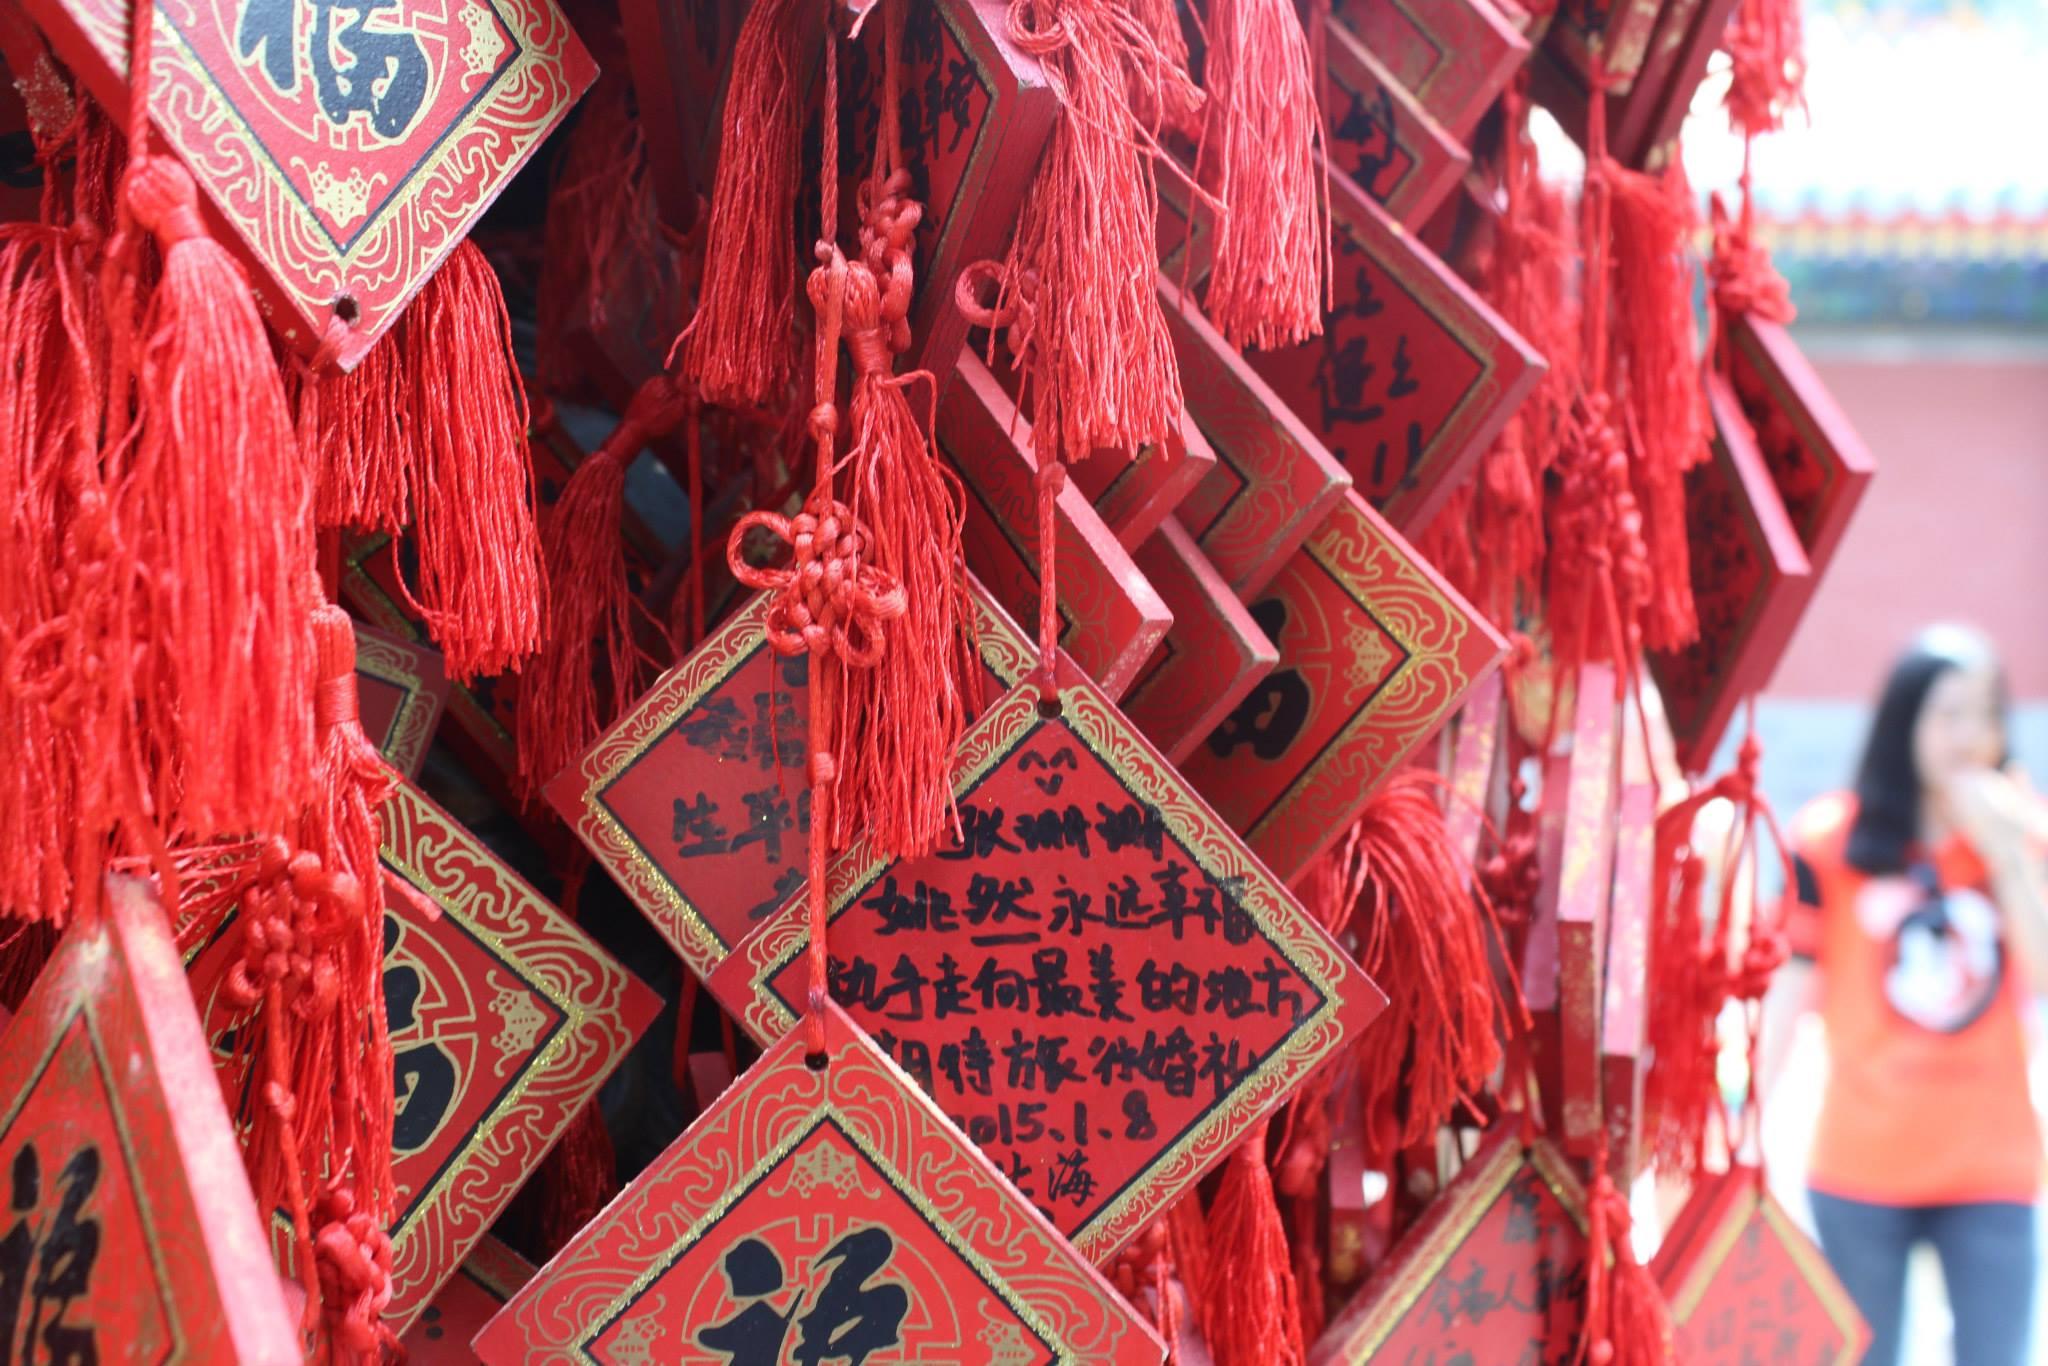 August 2015 Beijing 4